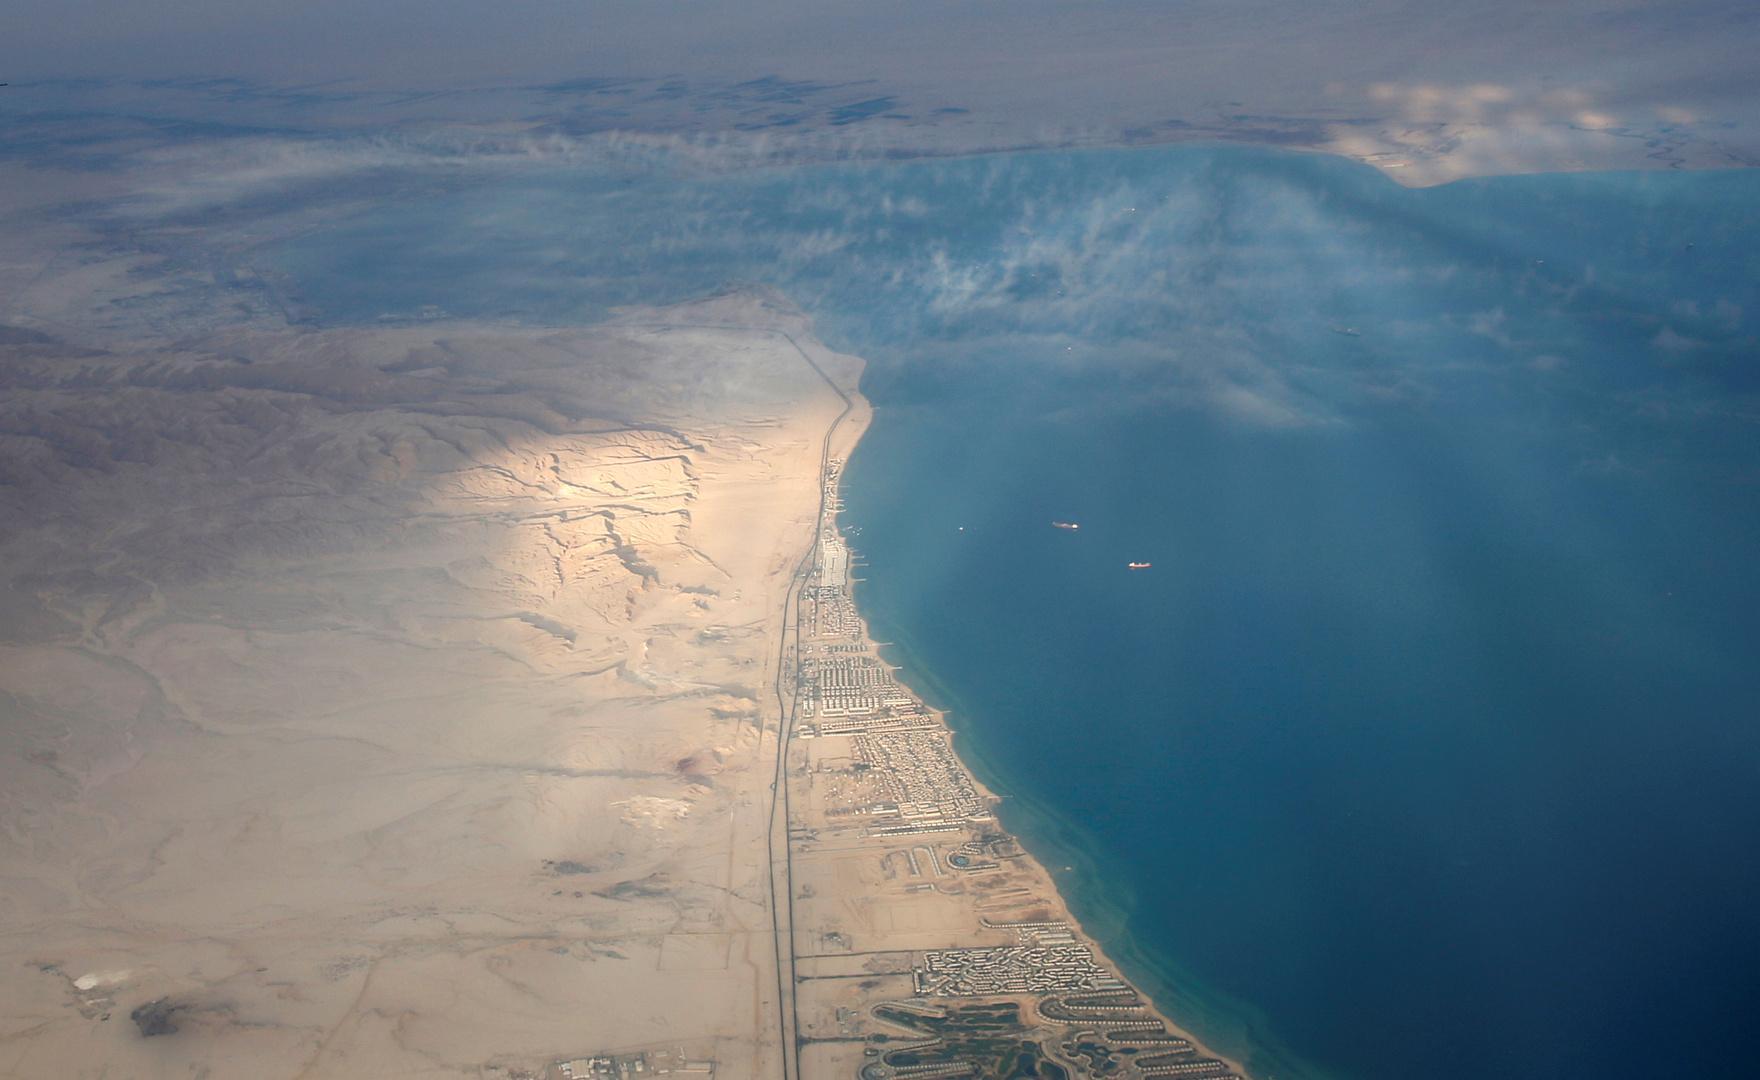 البحرية المصرية تتدخل لإنقاذ 11 مواطنا وسائحين